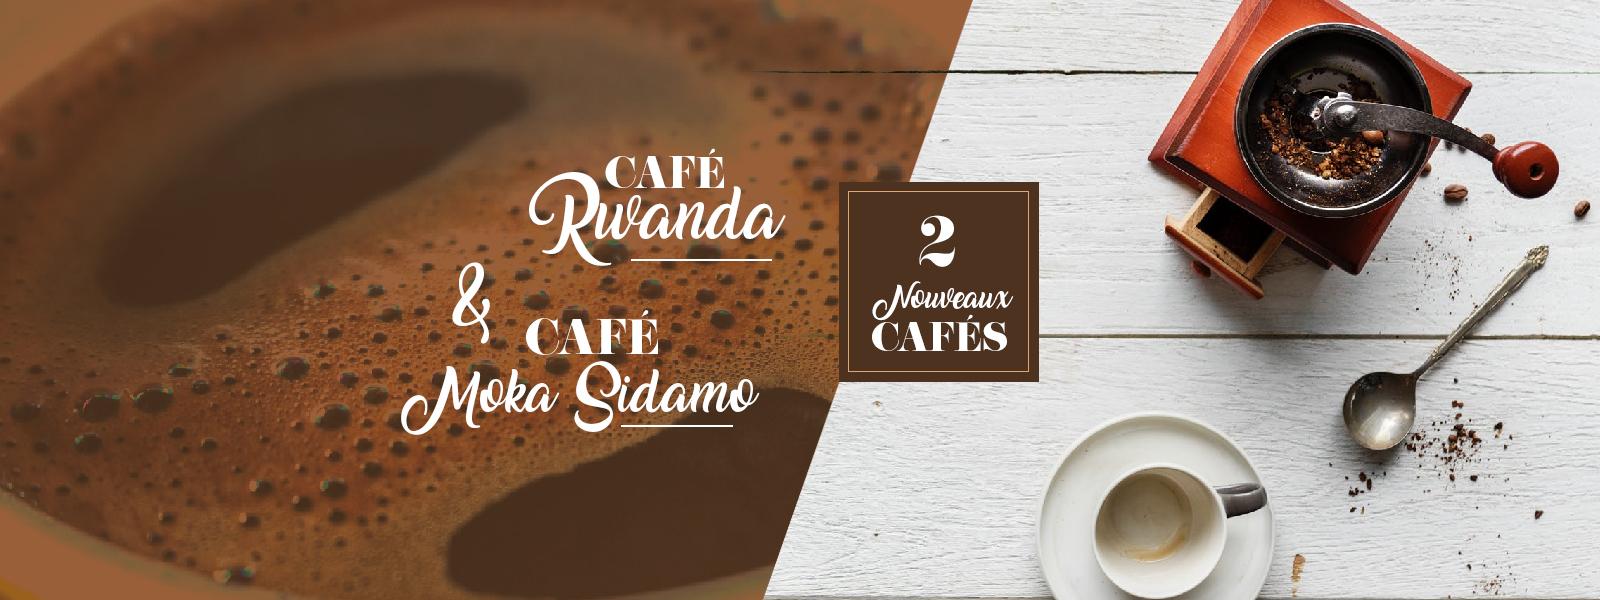 nouveau-cafe-hermine-gourmande-